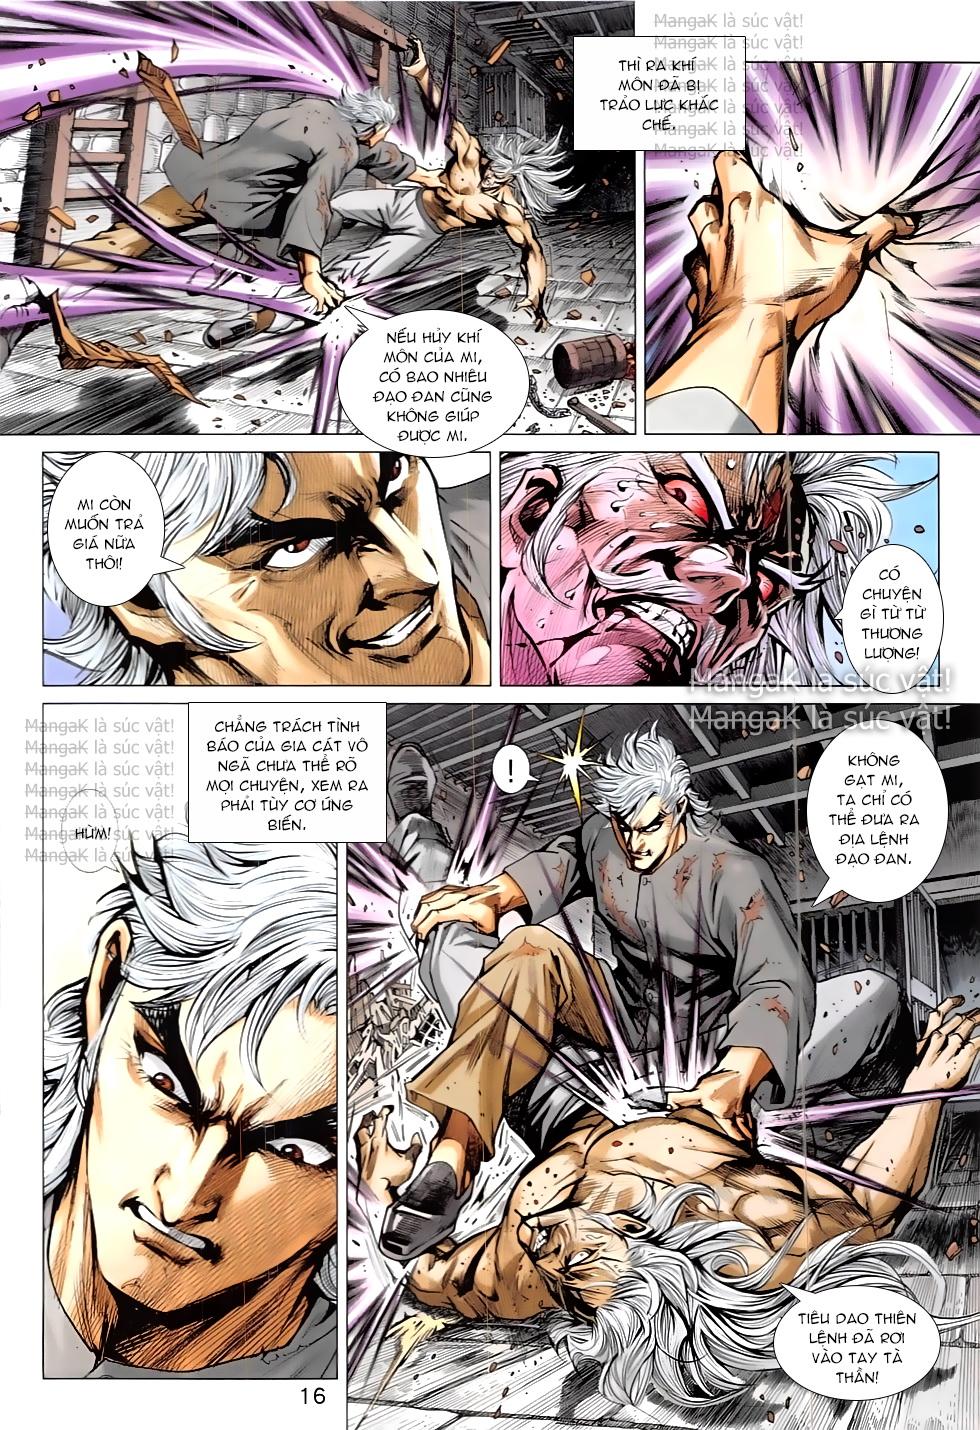 Tân Tác Long Hổ Môn Chap 824 page 16 - Truyentranhaz.net